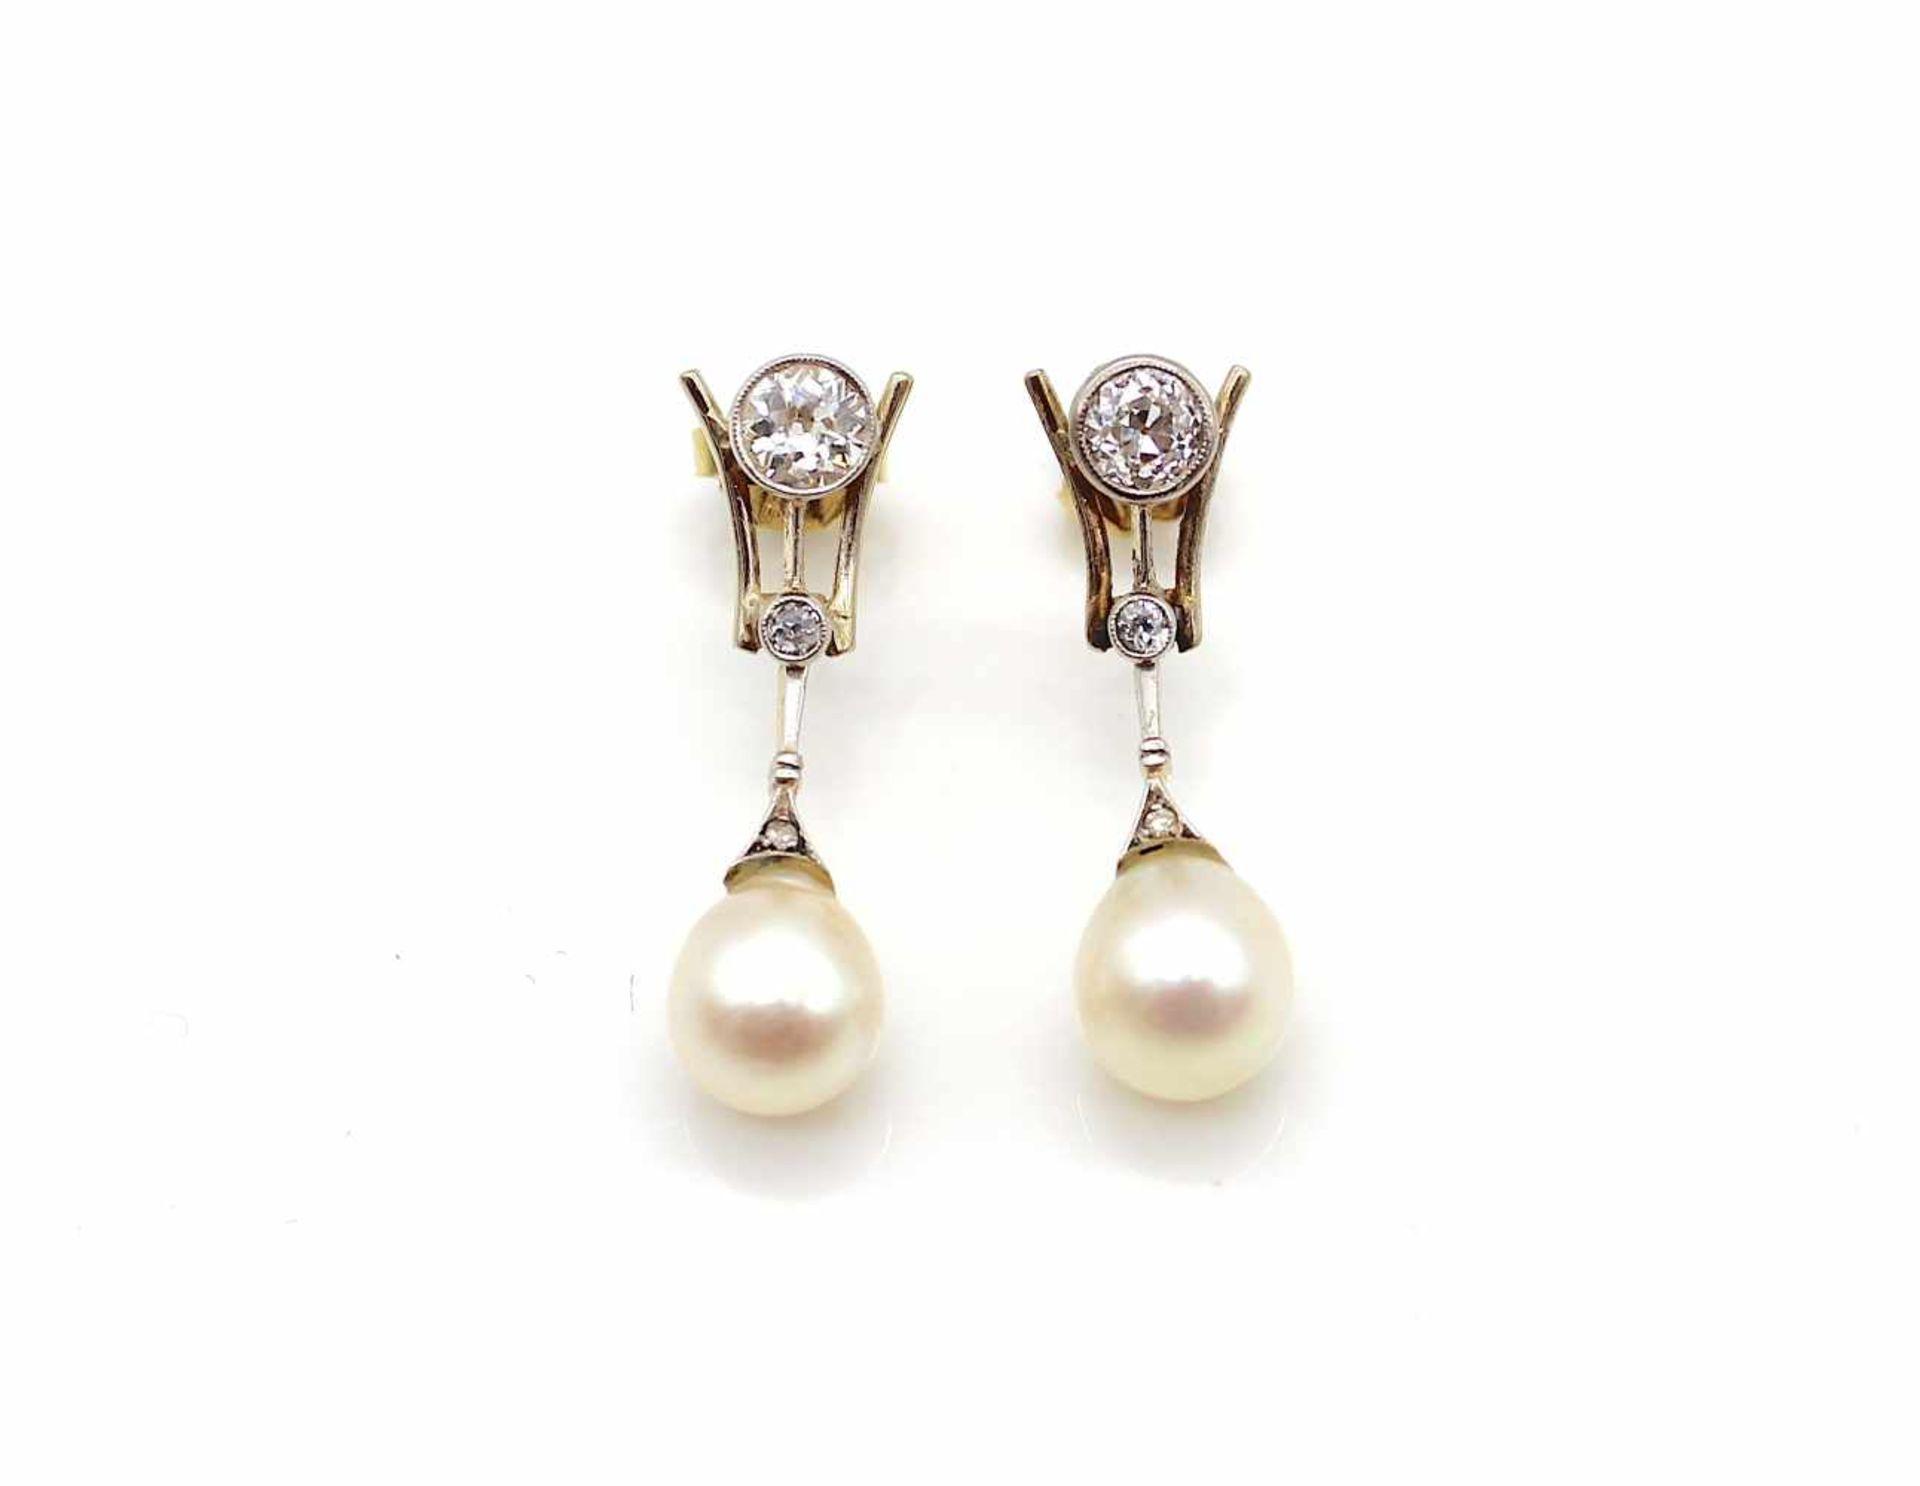 Los 10 - 1 Paar Ohrringe 585 Gold mit je einer Zuchtperle und je 2 Diamanten Altschliff je ca. 0,37 ct.,